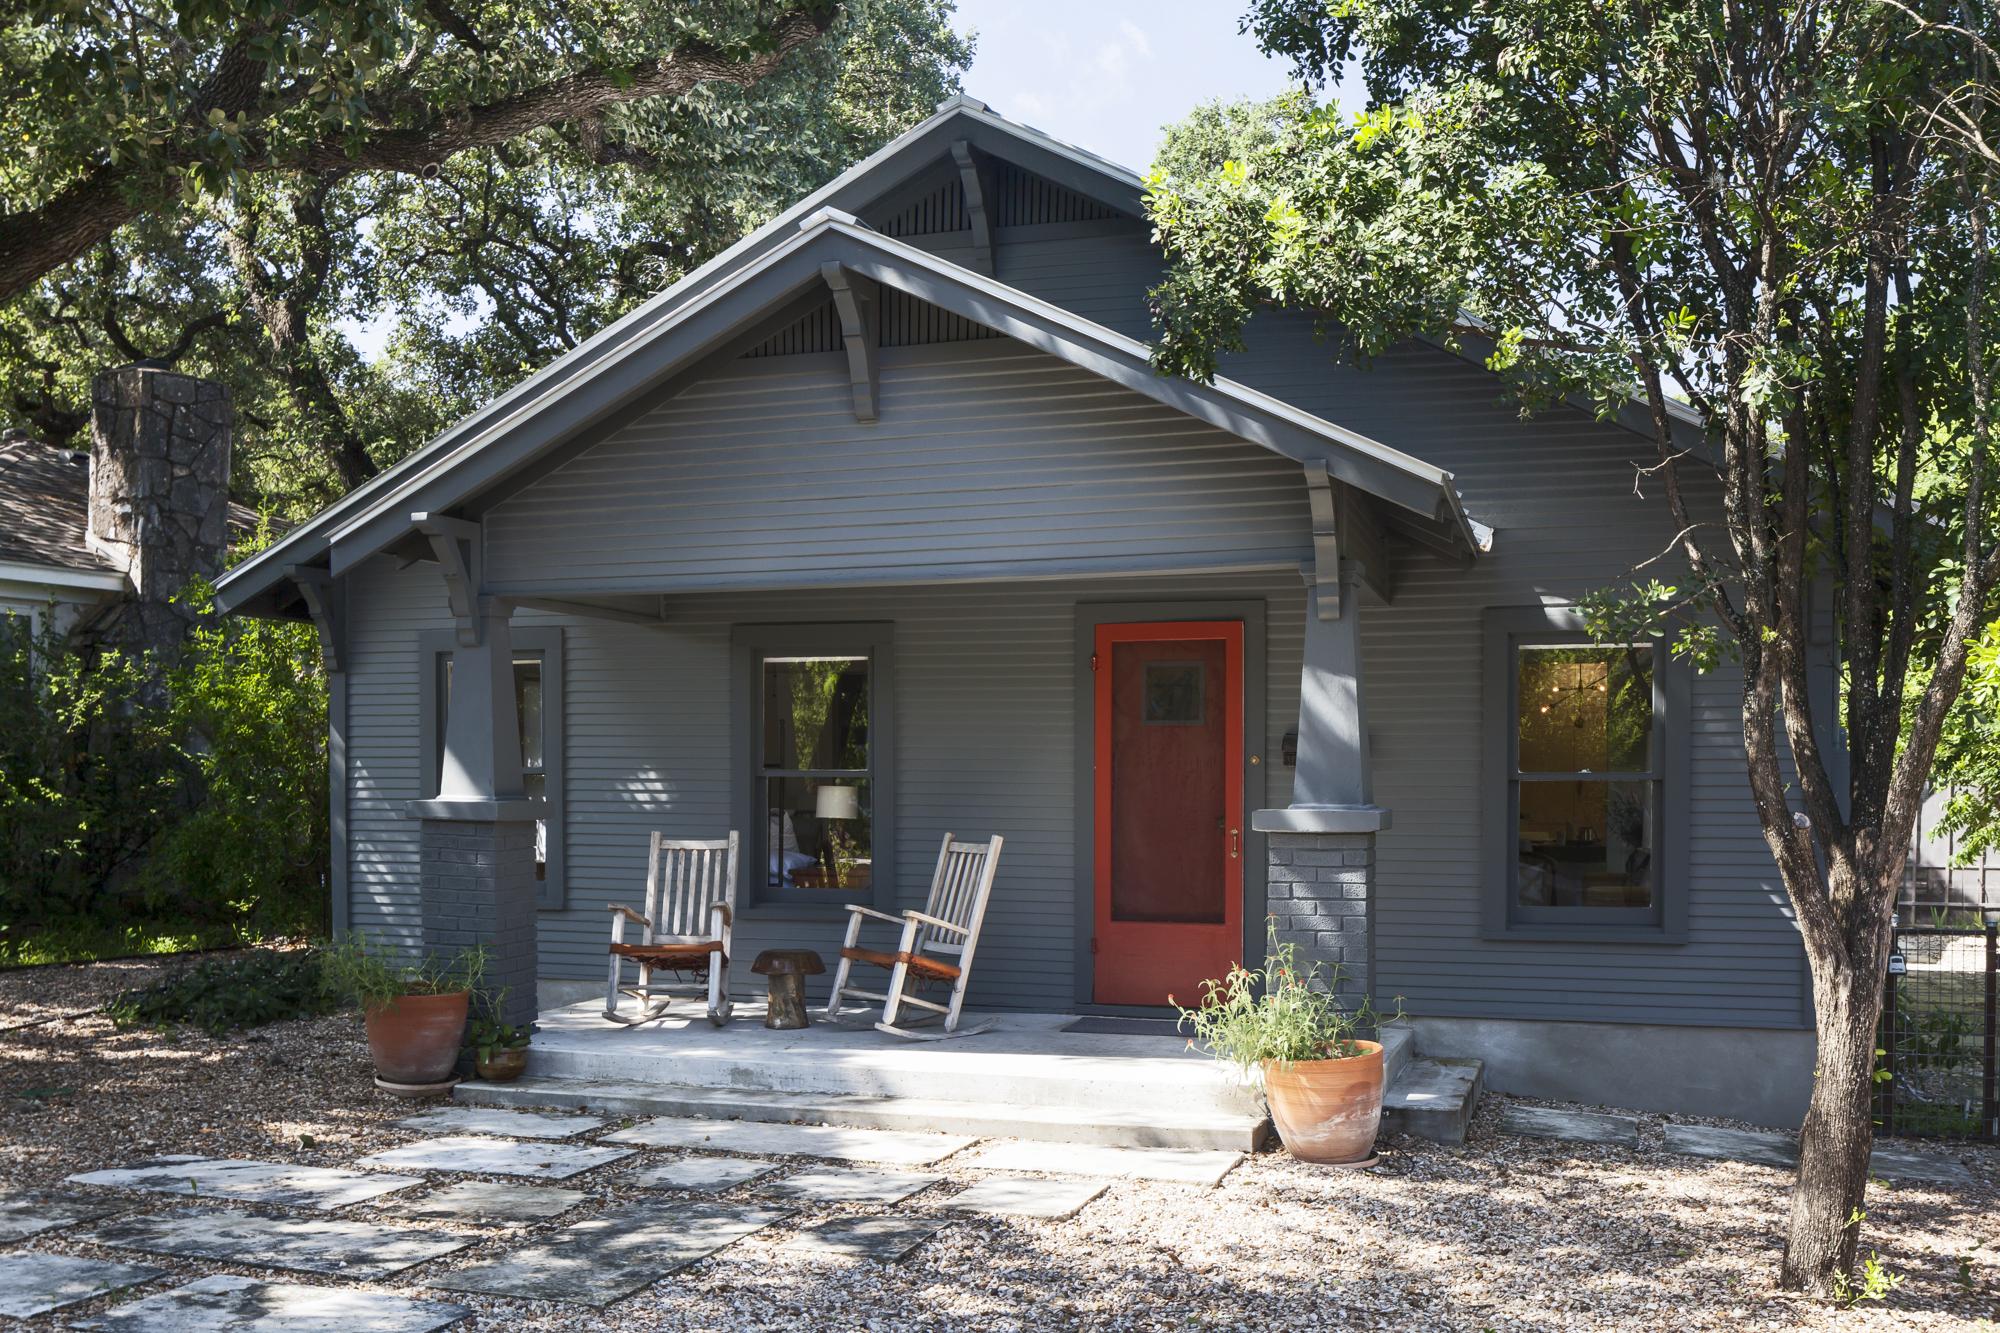 Elizabeth-Baird-Architecture-Annie Street-front of house.jpg